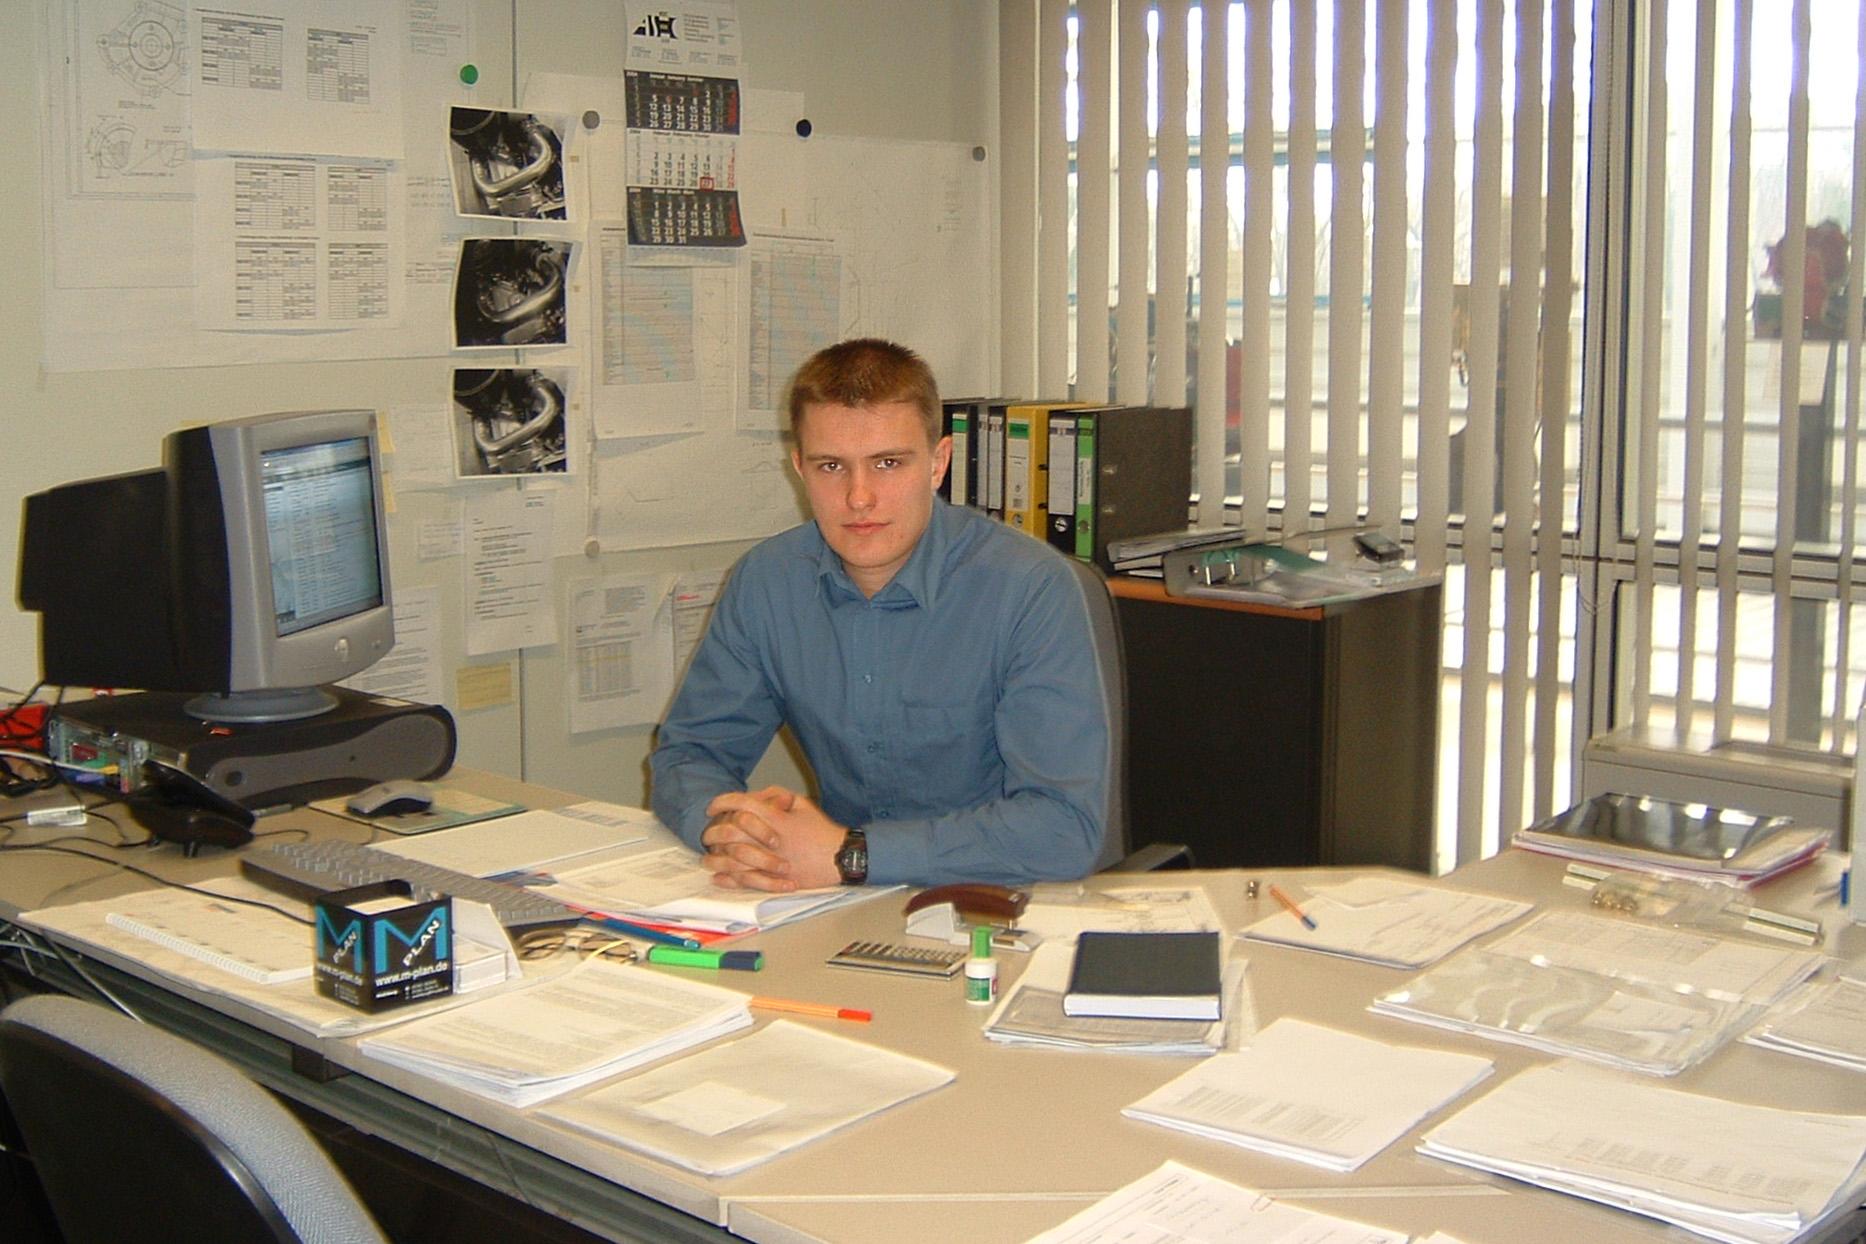 Mike Motorov: Практика на заводе Deutz 2002 год Кёльн